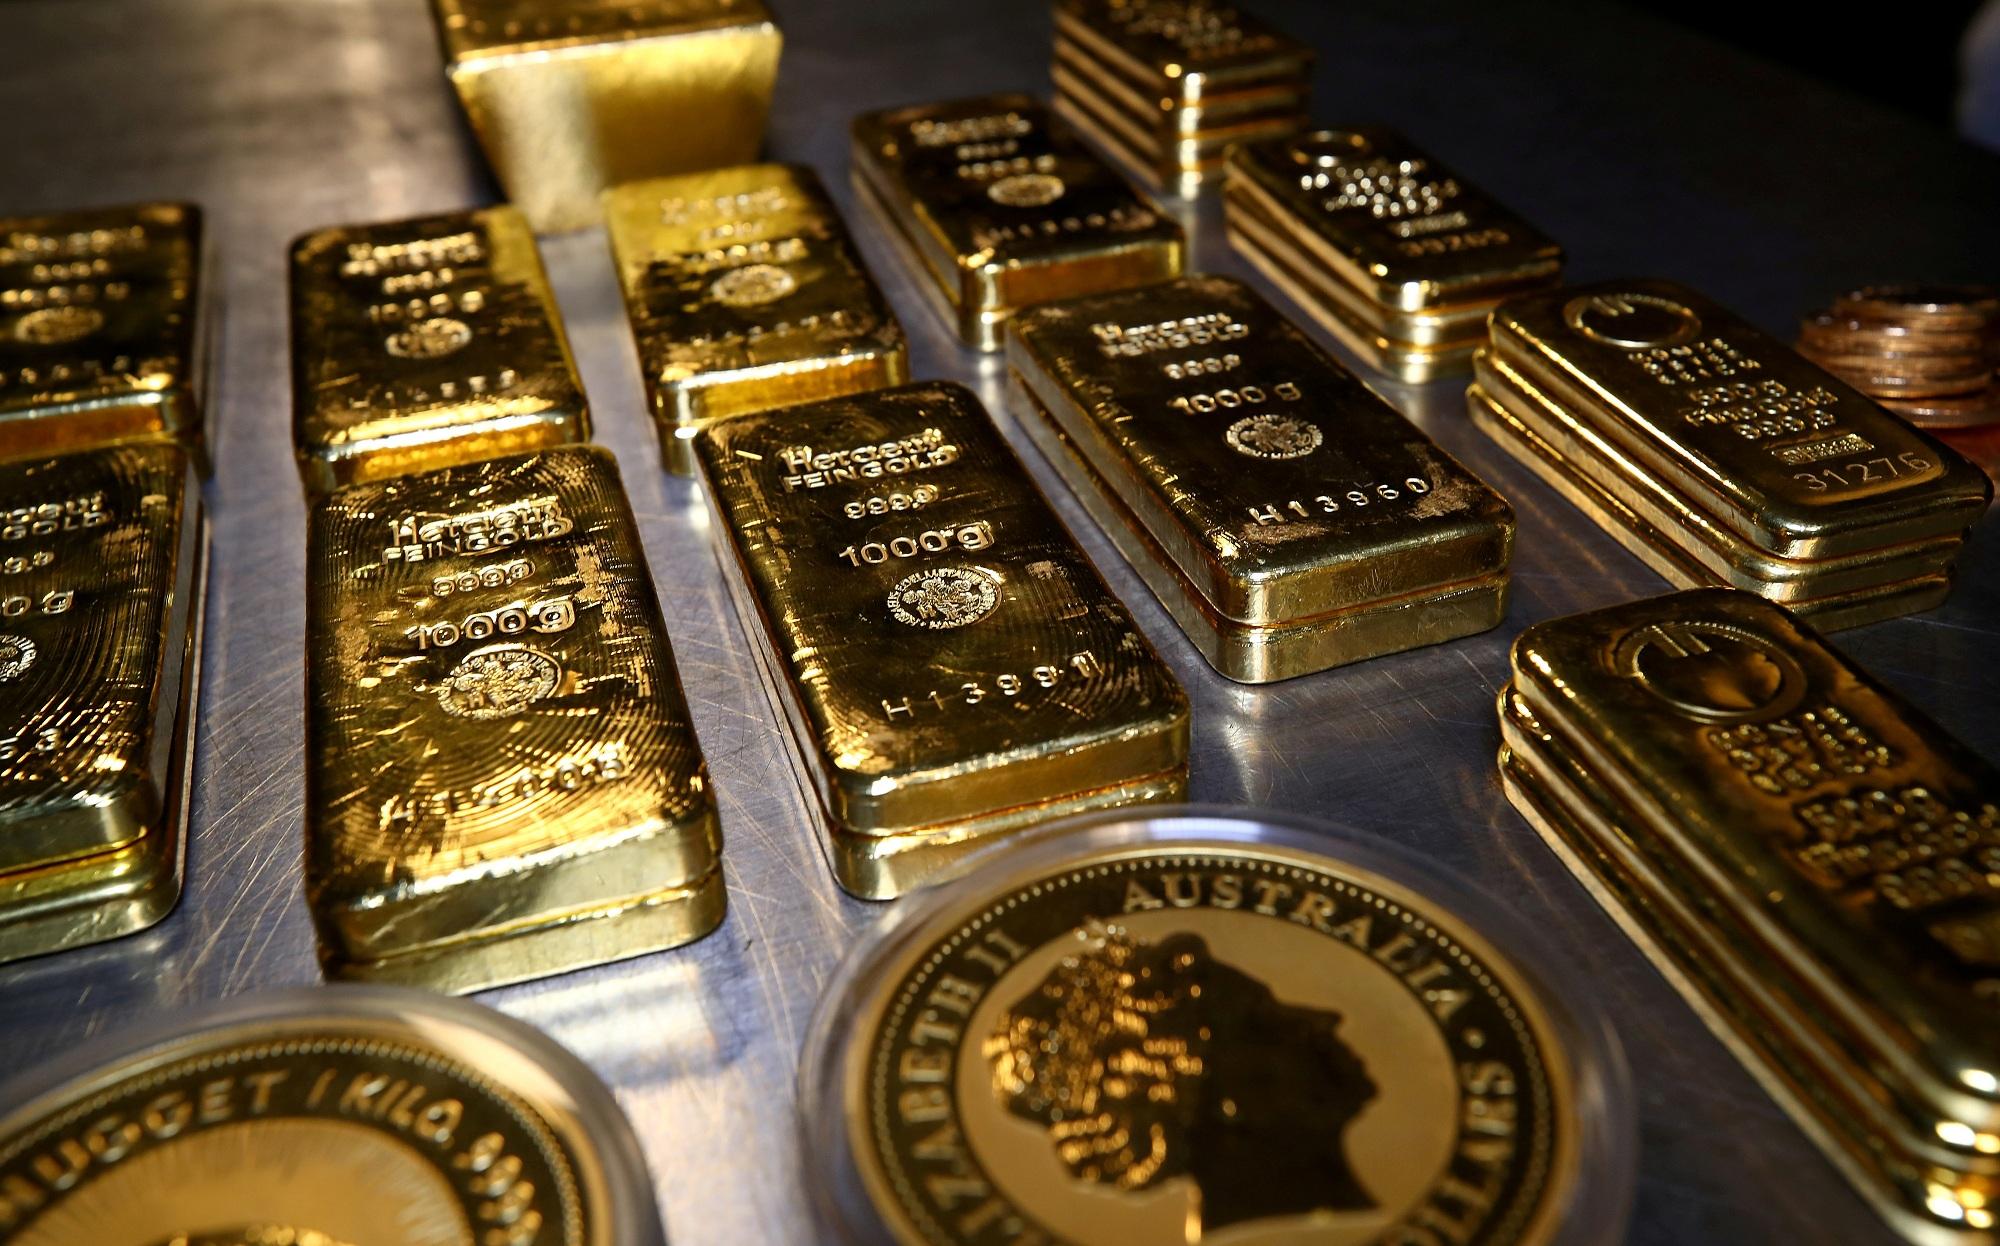 تعرف على أسعار الذهب اليوم الأحد 17-5-2020 في محلات الصاغة في مصر